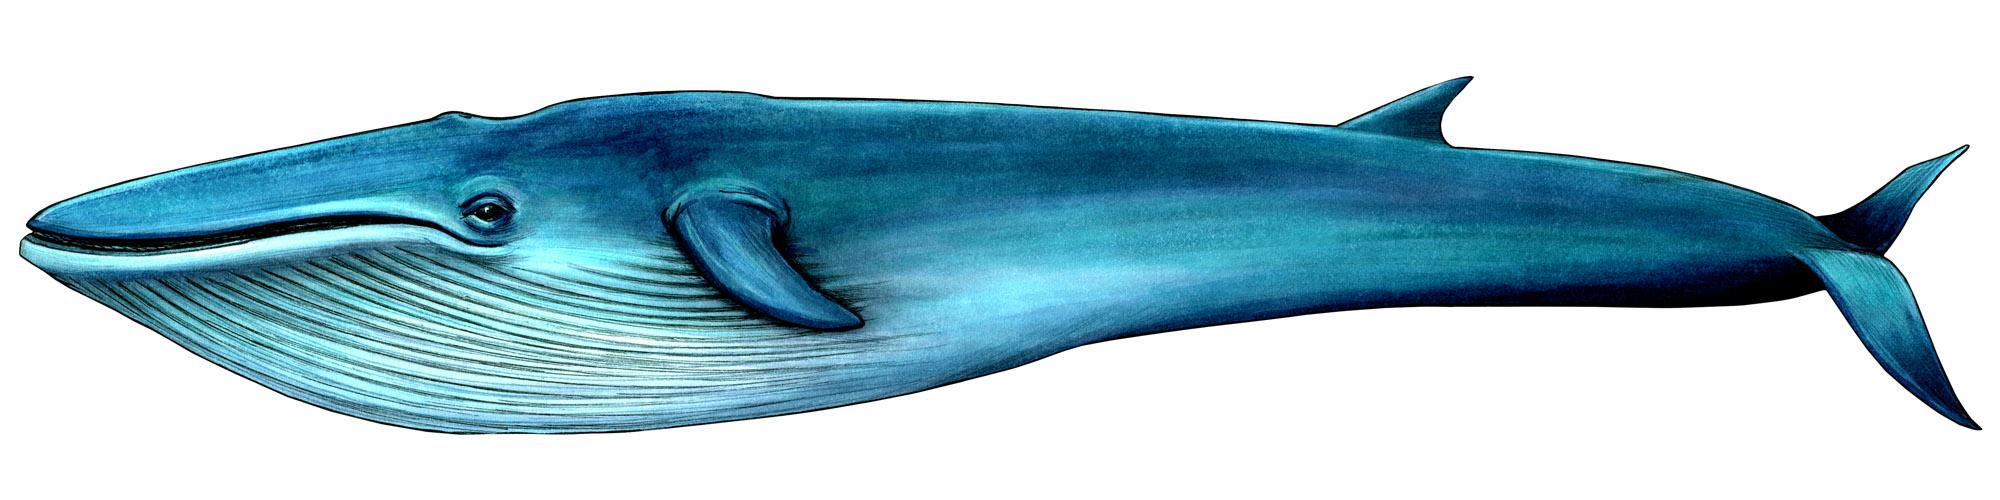 シロナガスクジラの画像 p1_25